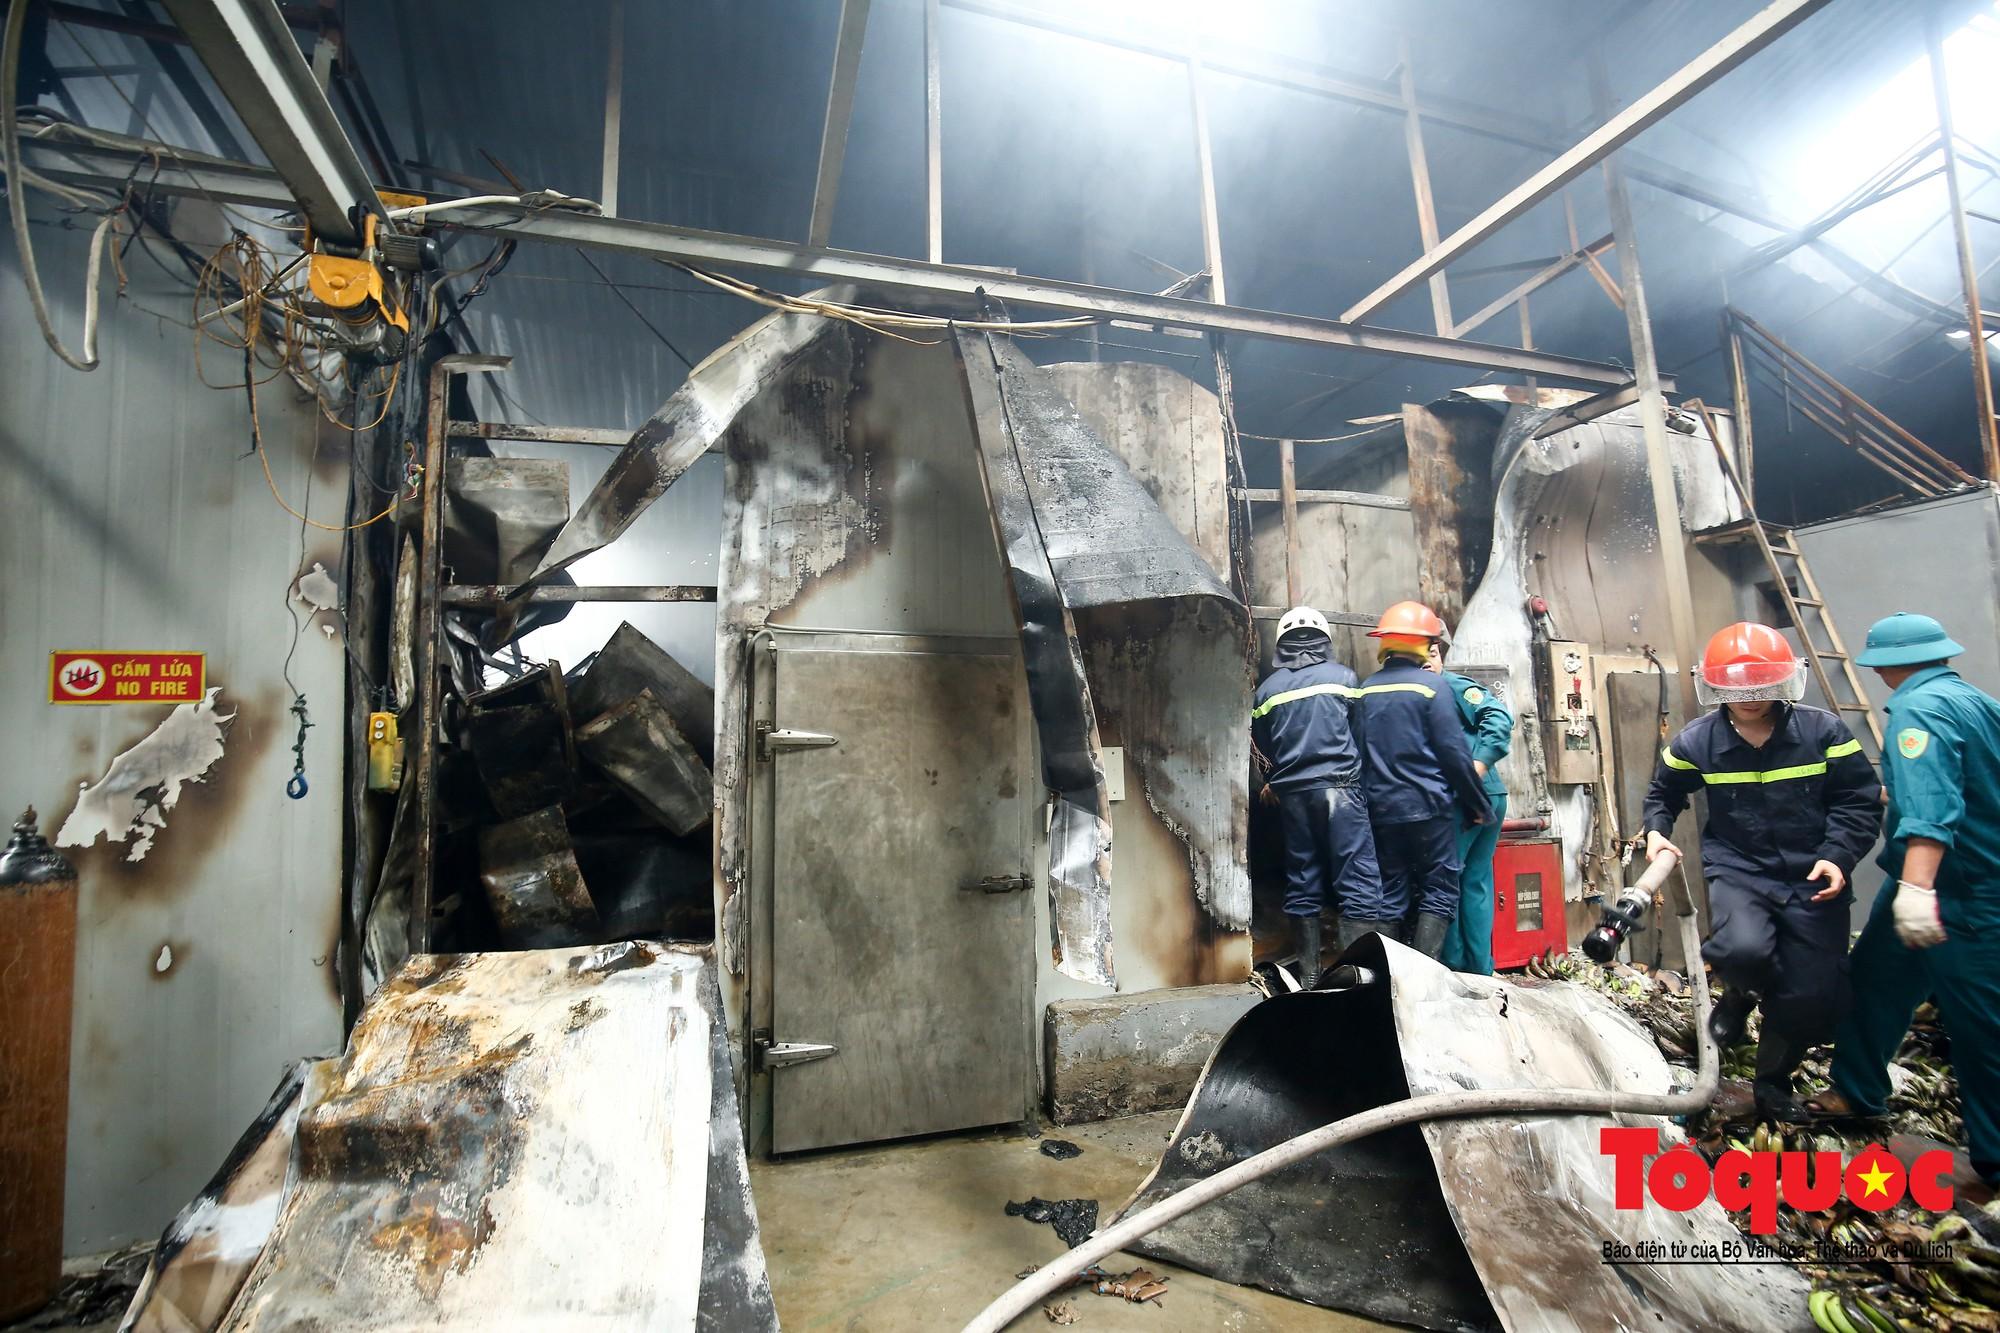 Cận cảnh hiện trường vụ Cháy thảm khốc ở Trung Văn, 8 người chết và mất tích - Ảnh 12.